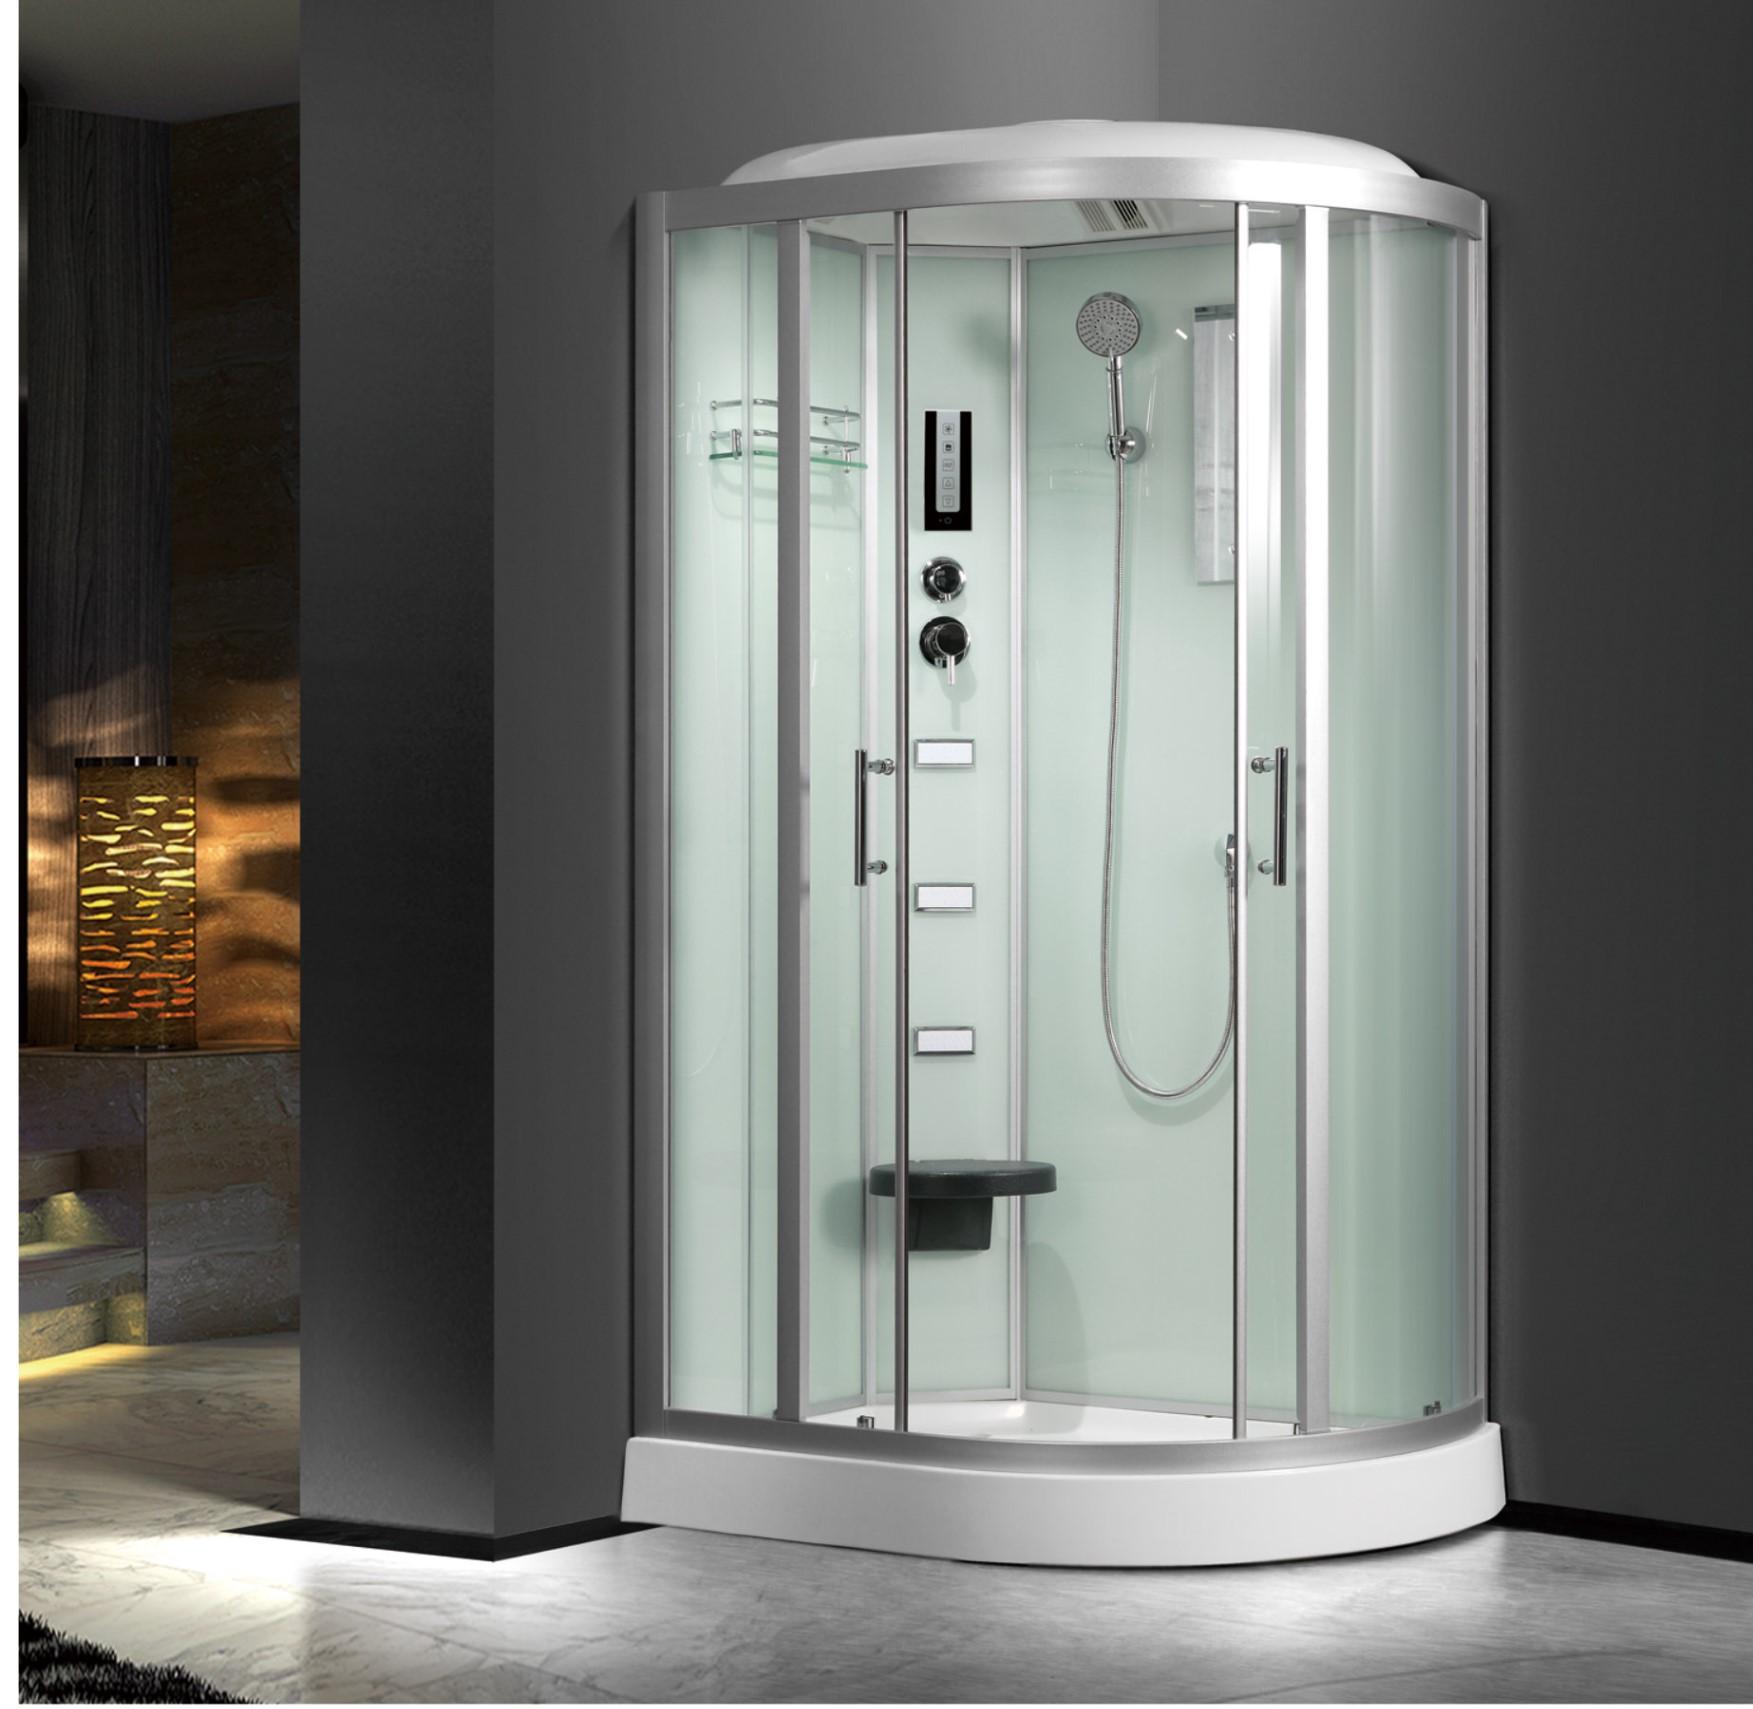 Kina R Shape Corner Glass Dusjkabinett Med Sitte Og